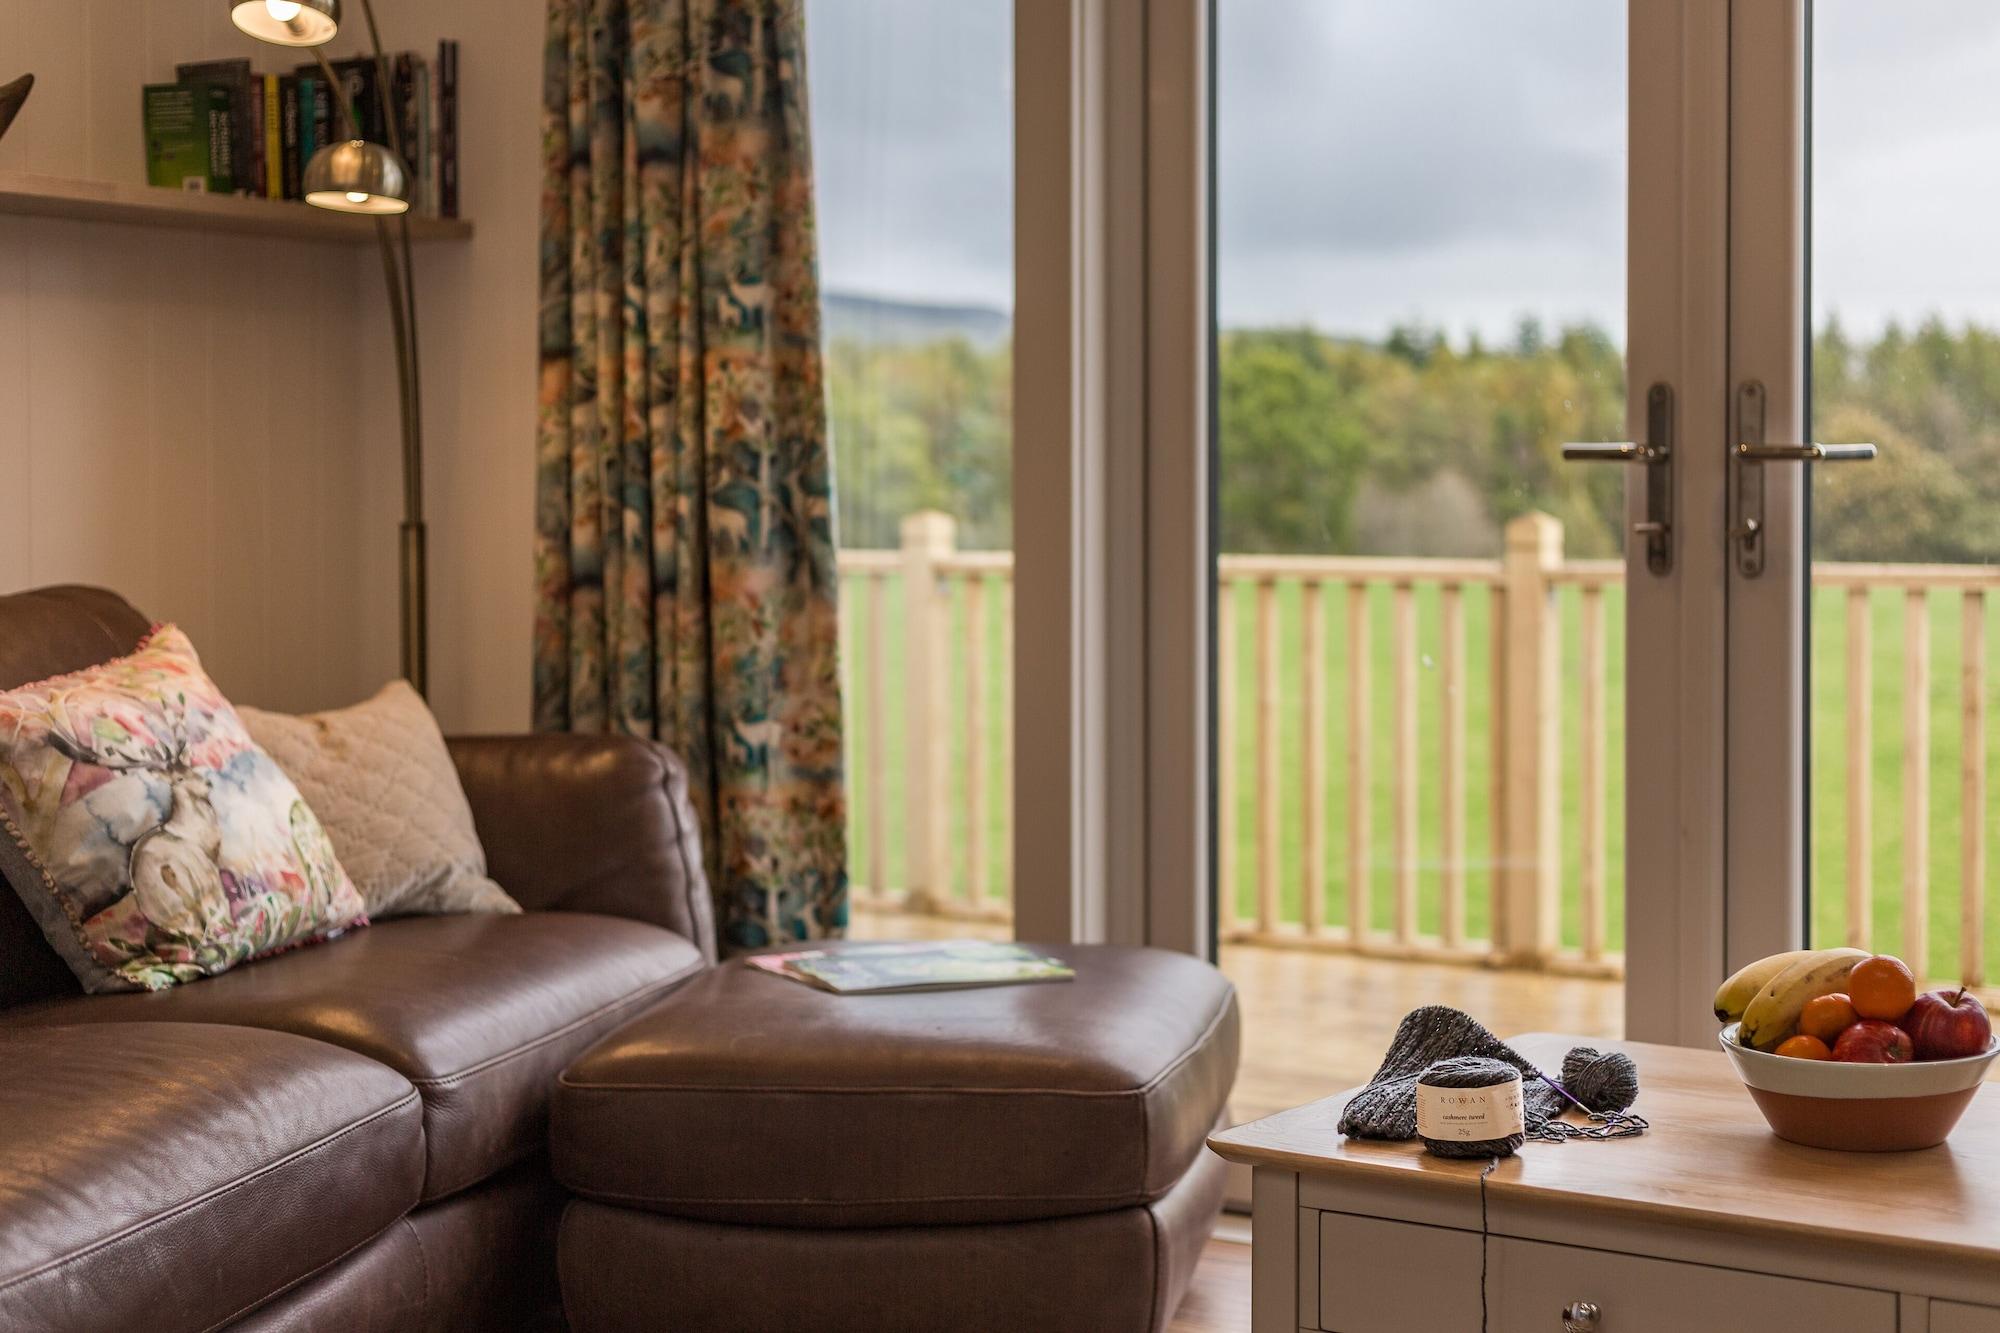 Scenic 2 Bedroom Karelia Lodge, Perthshire and Kinross